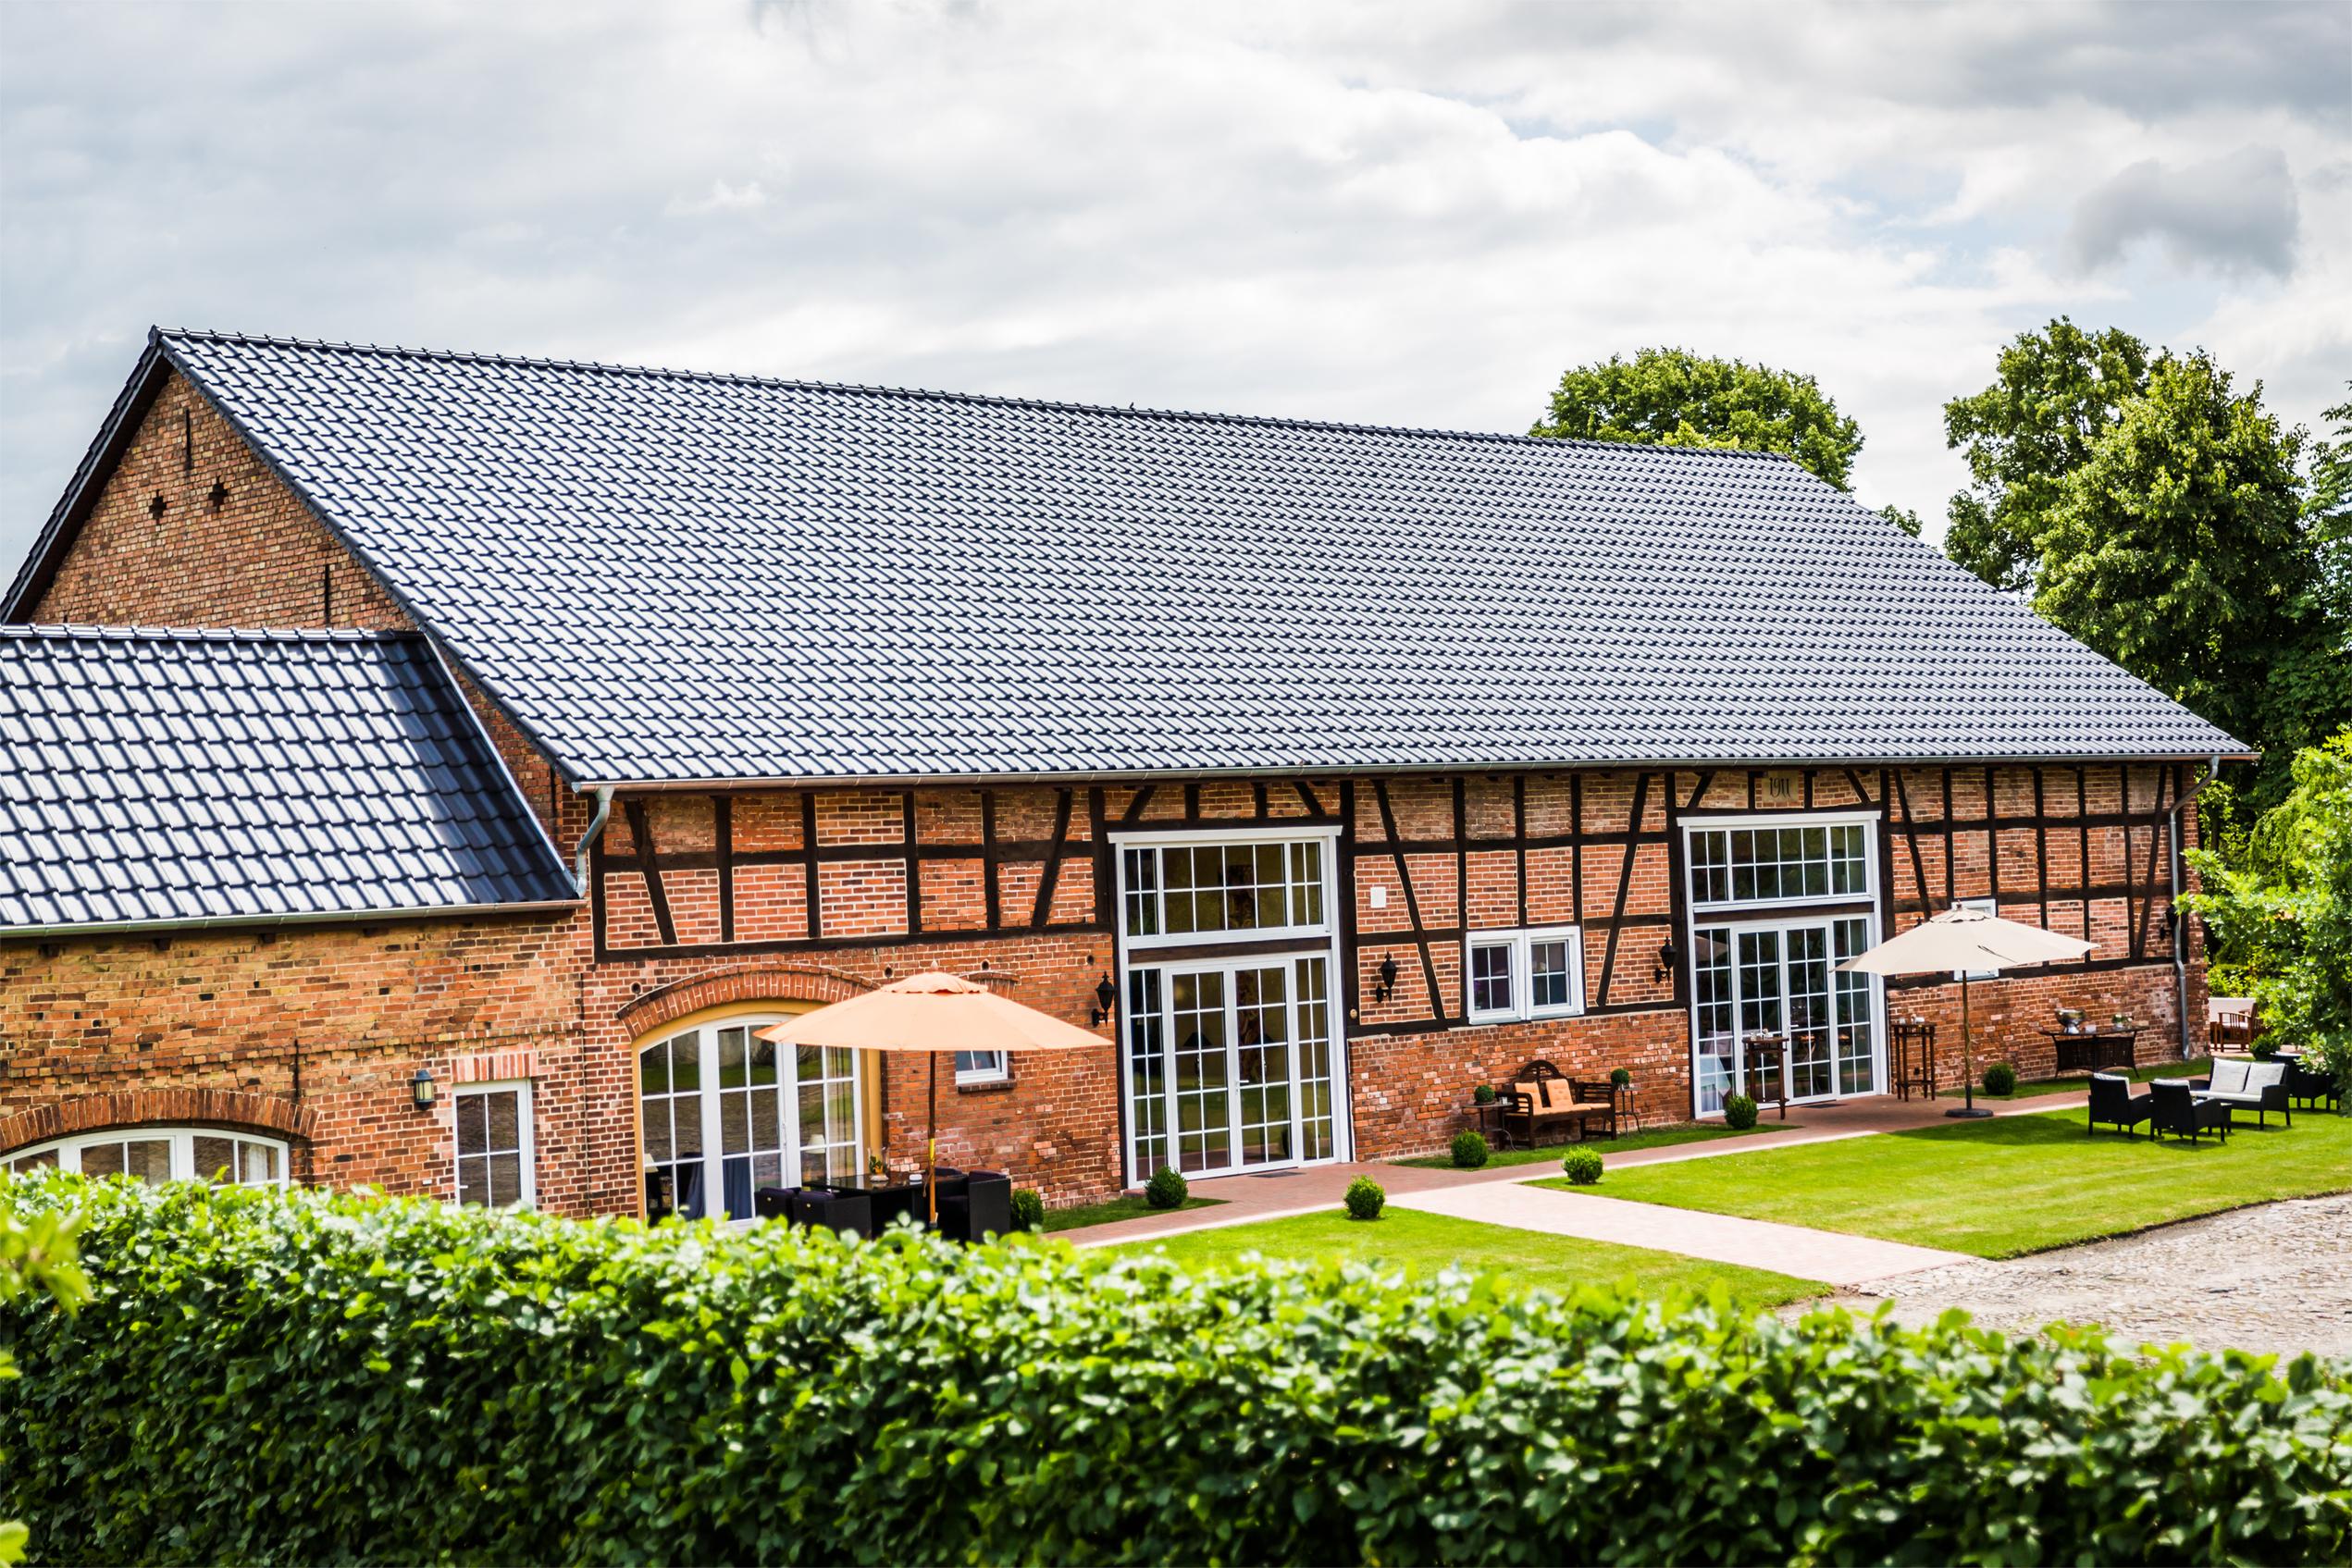 Landhaus-Suekow-Haus-35 Kopie